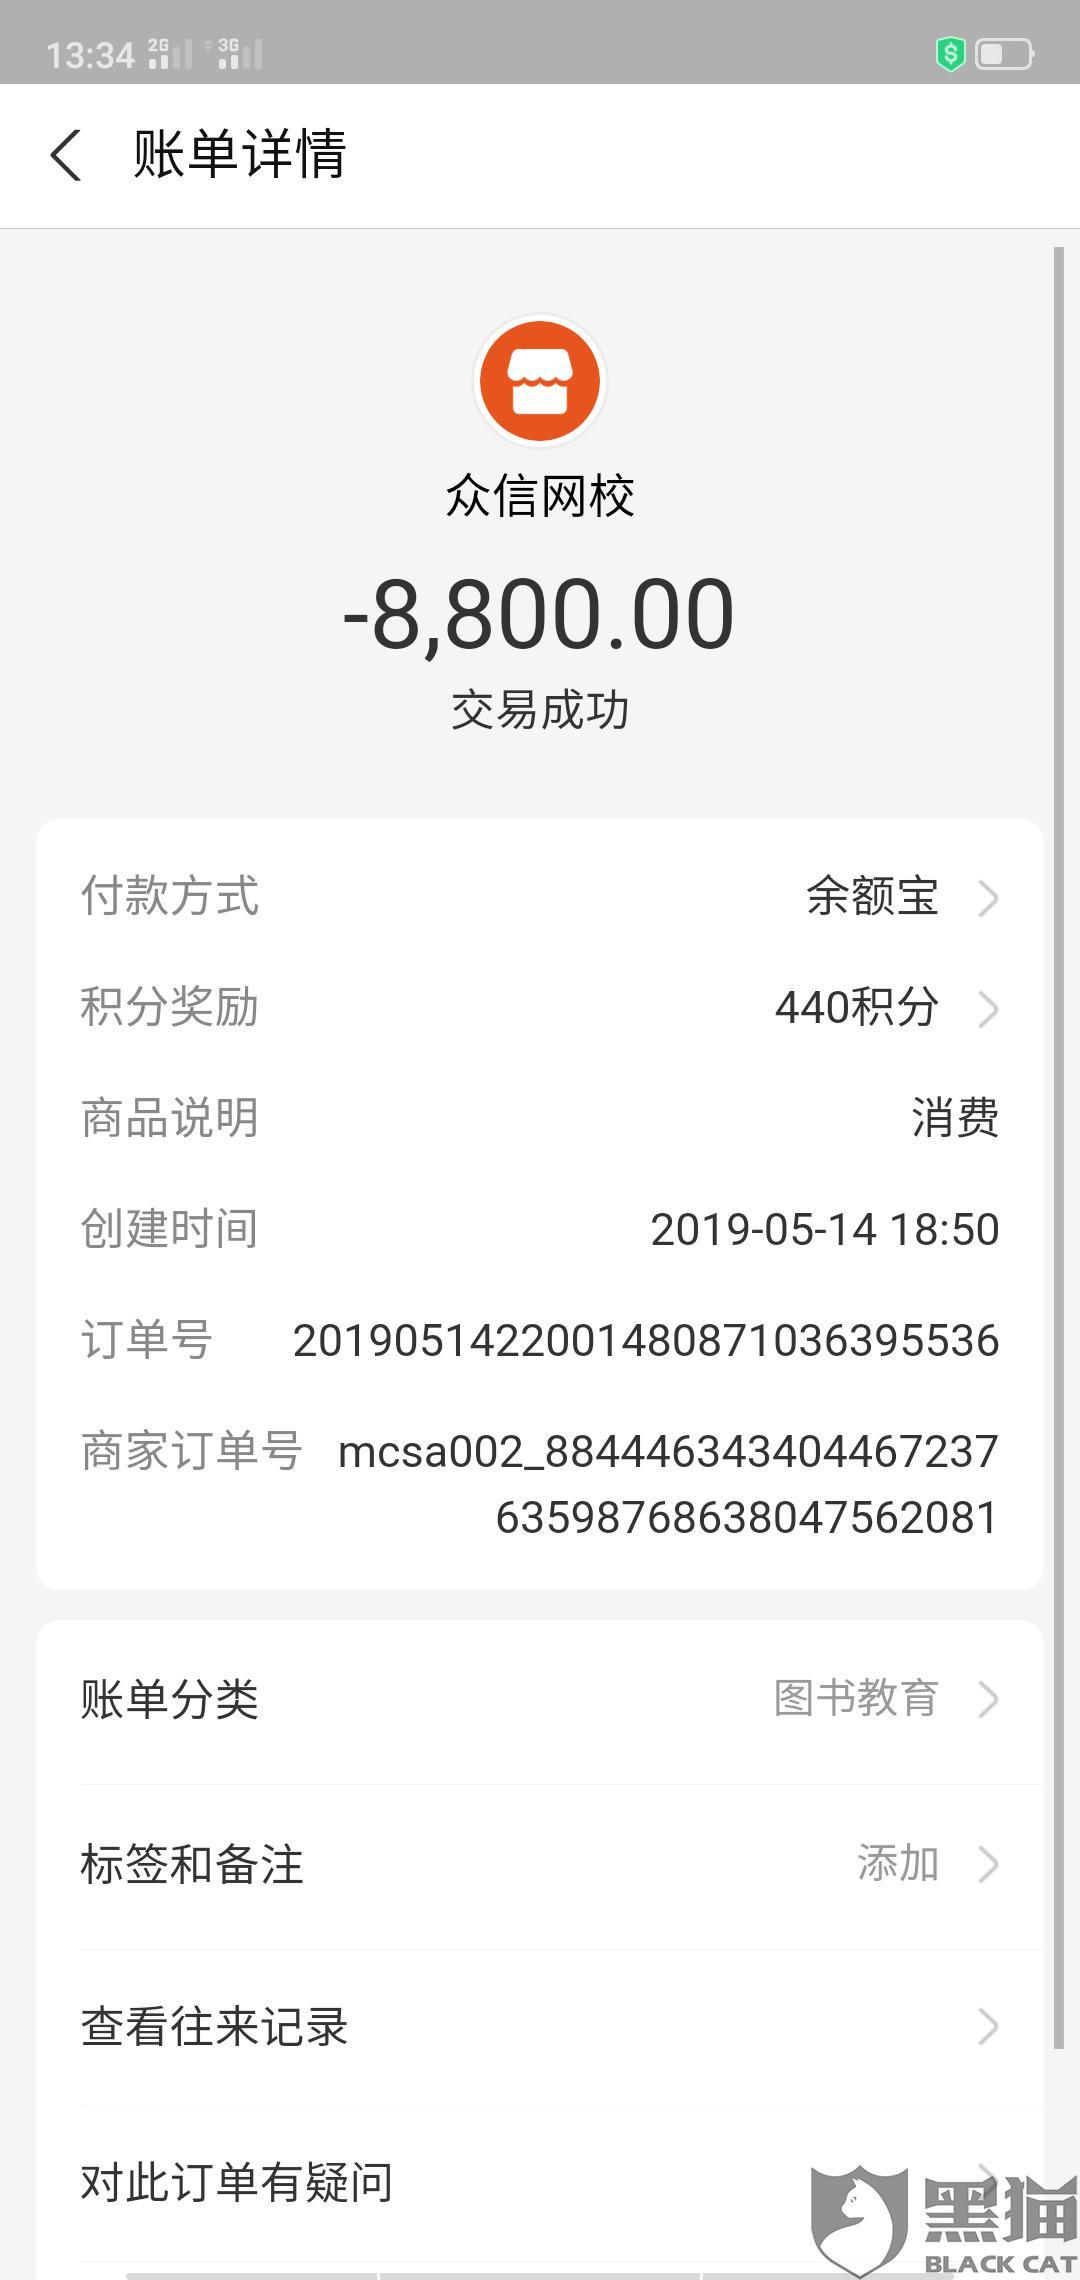 黑猫投诉:北京众信安邦教育科技有限公司虚假宣传,欺骗学生金钱